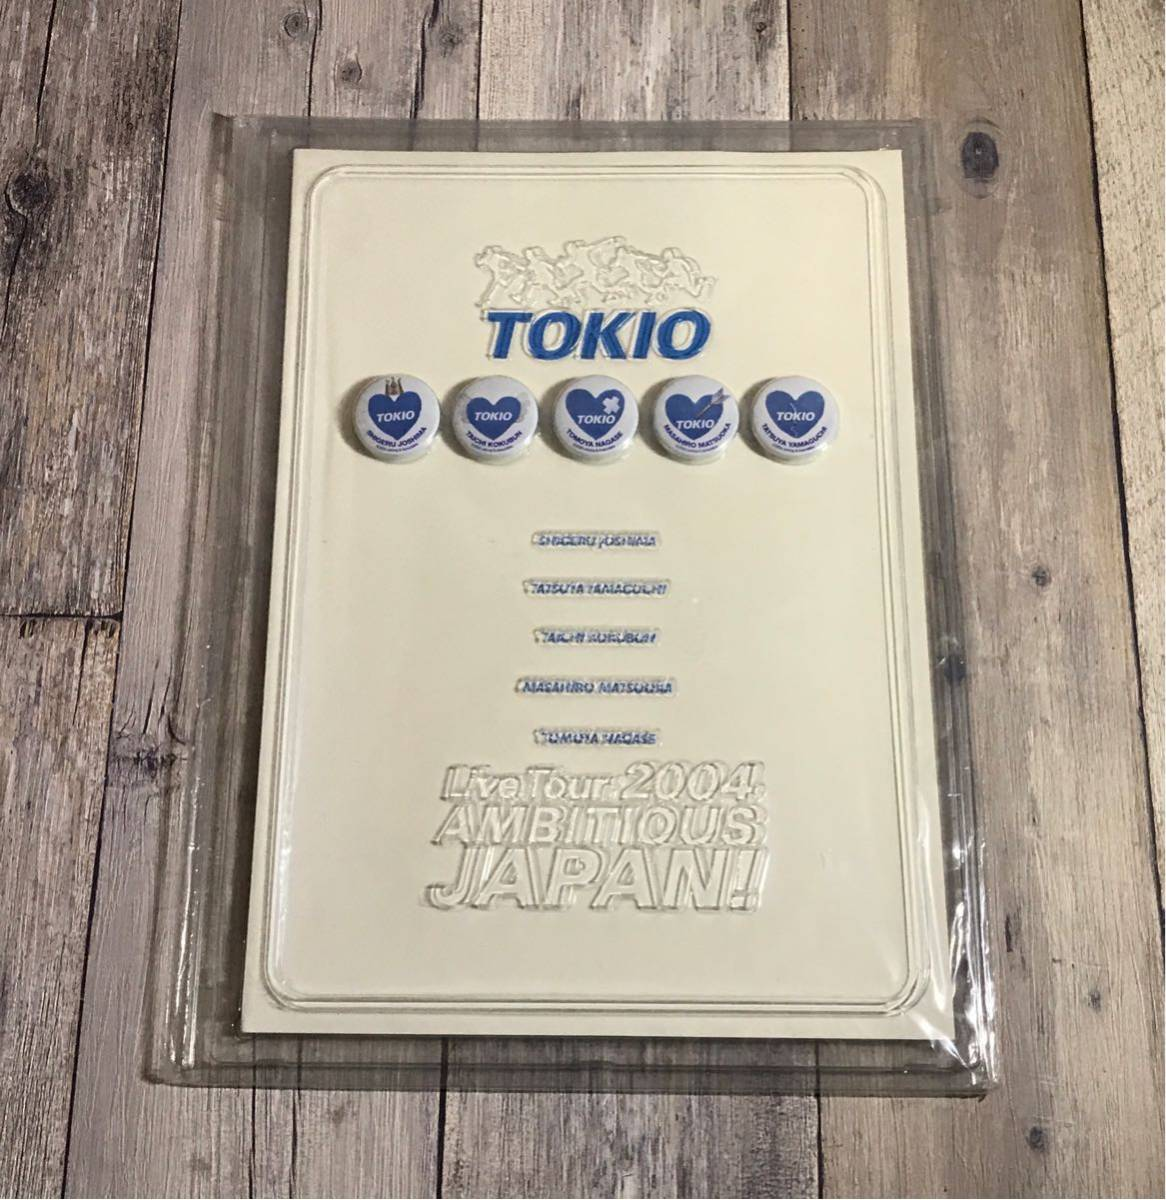 TOKIO Live Tour 2004 AMBITIOUS JAPAN パンフレット 缶バッジ付き k上